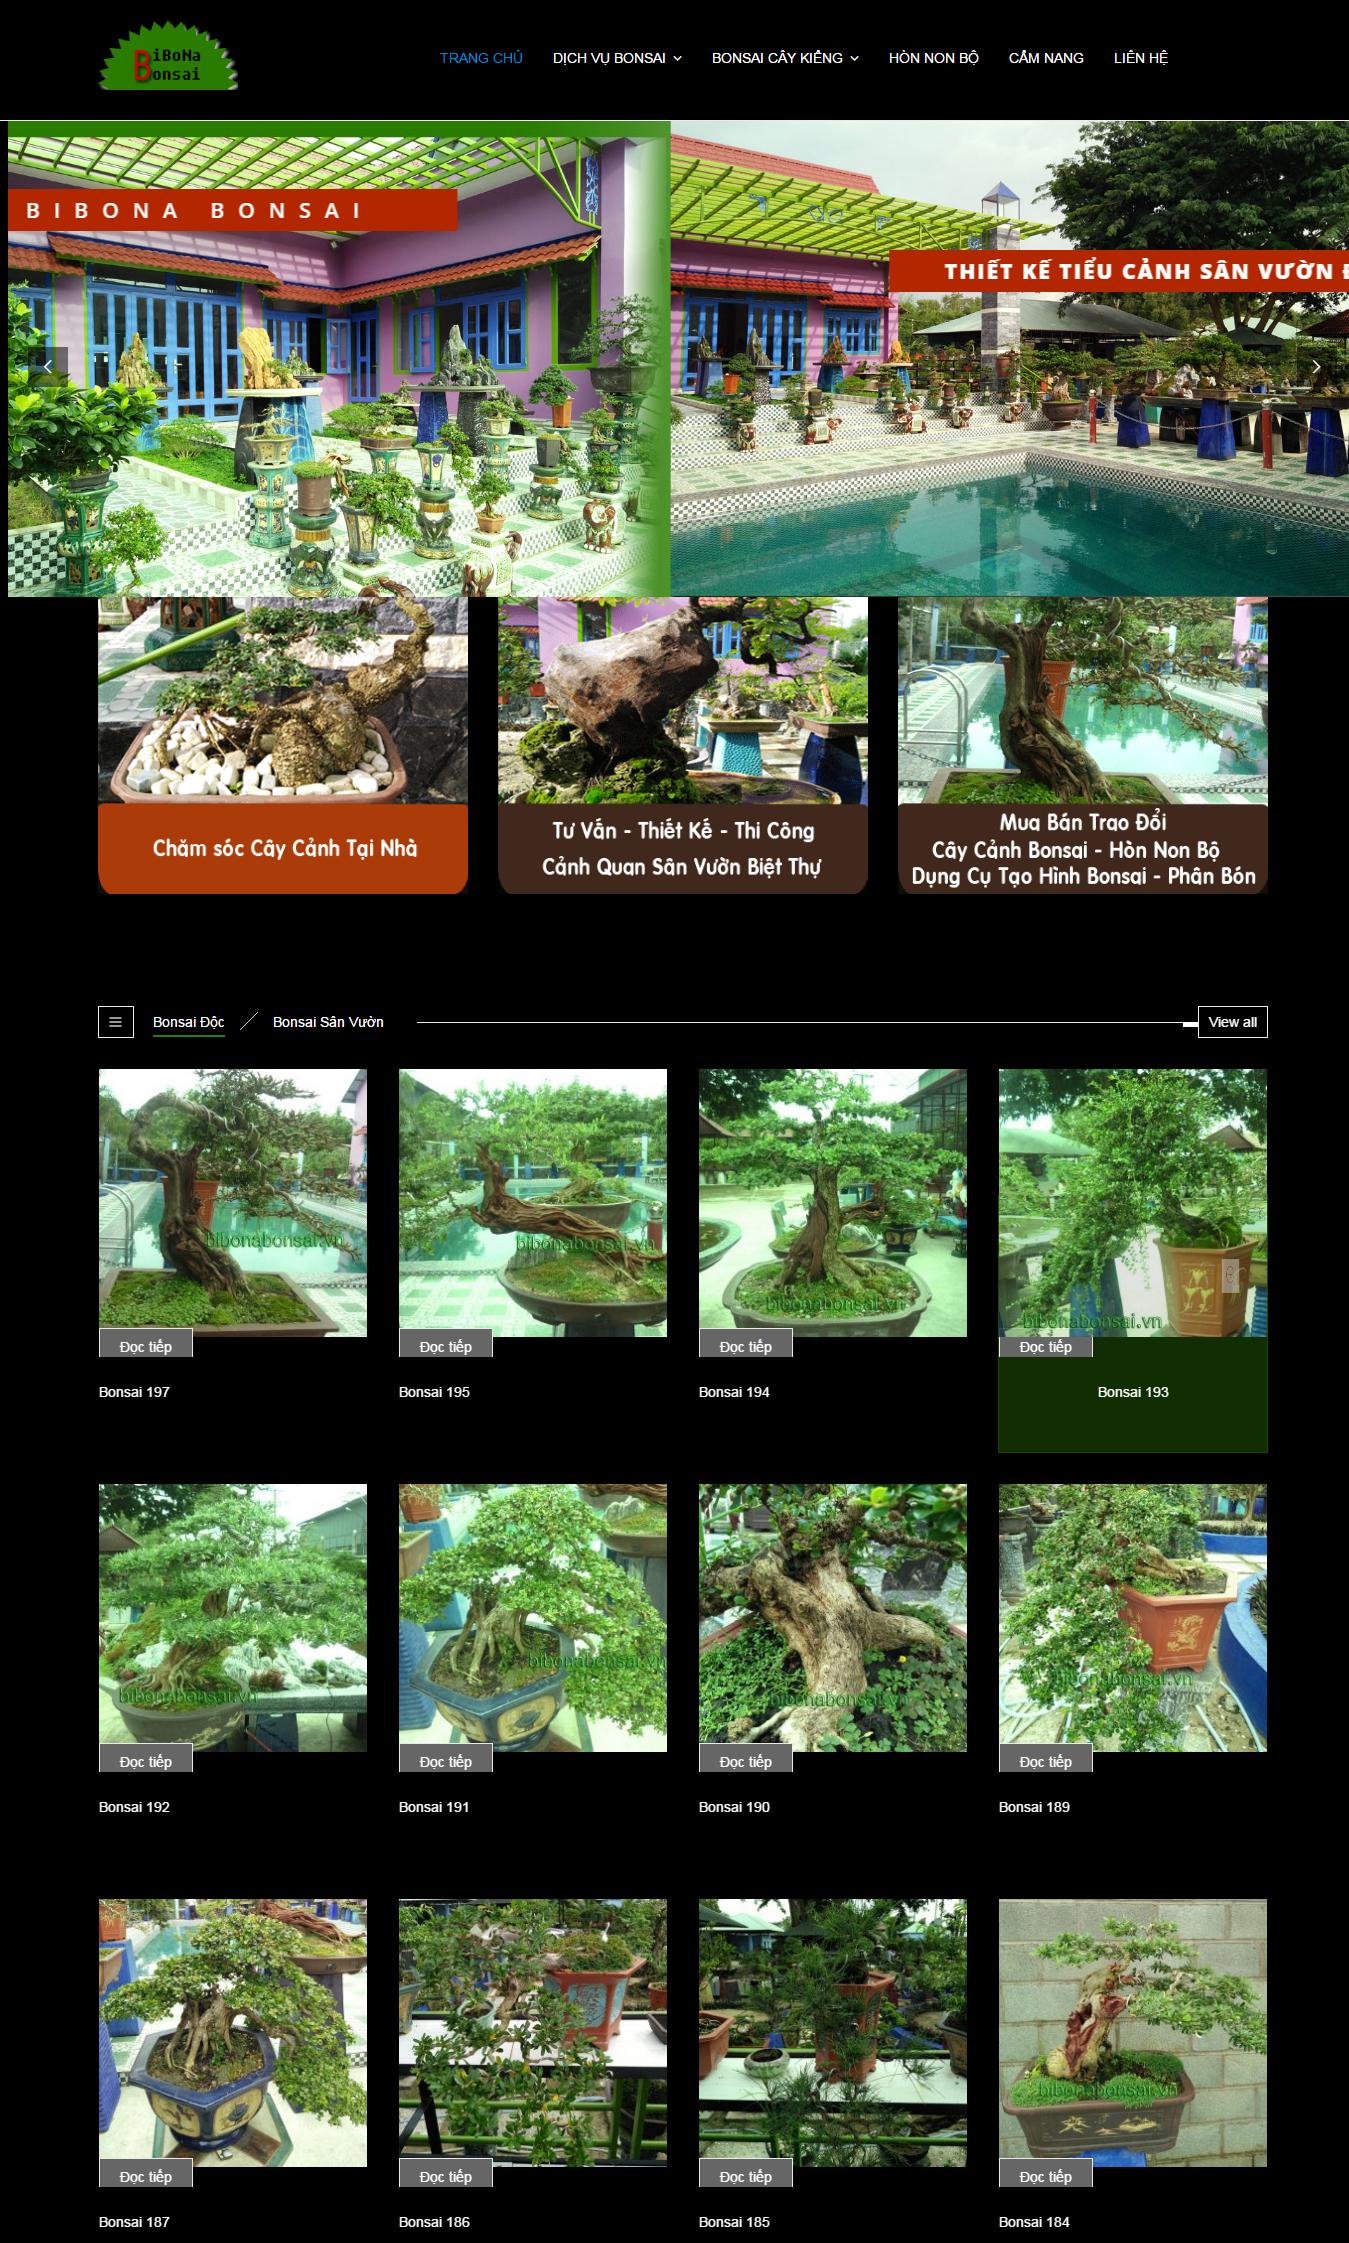 Cây Cảnh Bibona Bonsai1